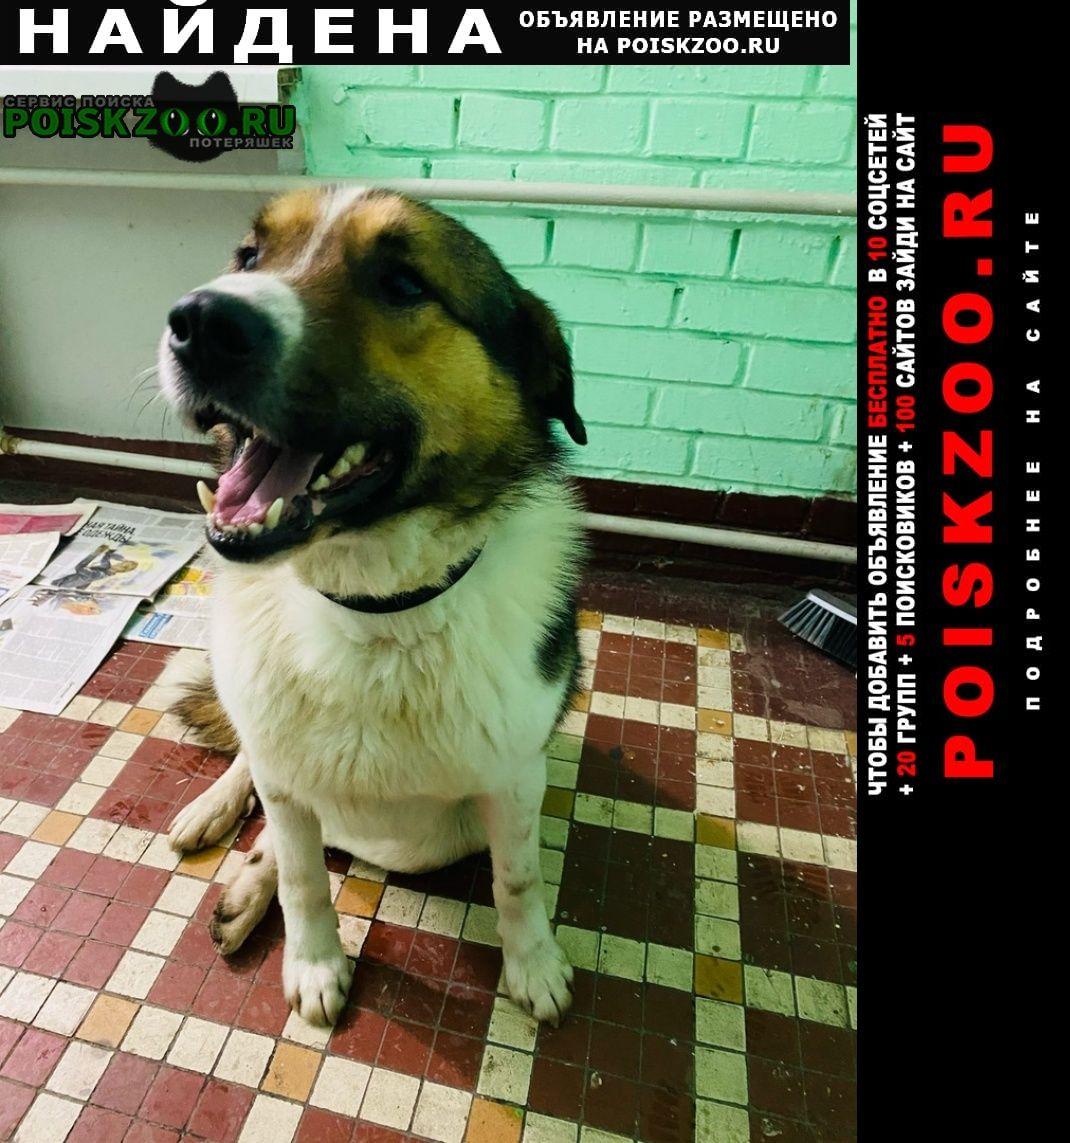 Найдена собака, хлебозаводский проезд Москва